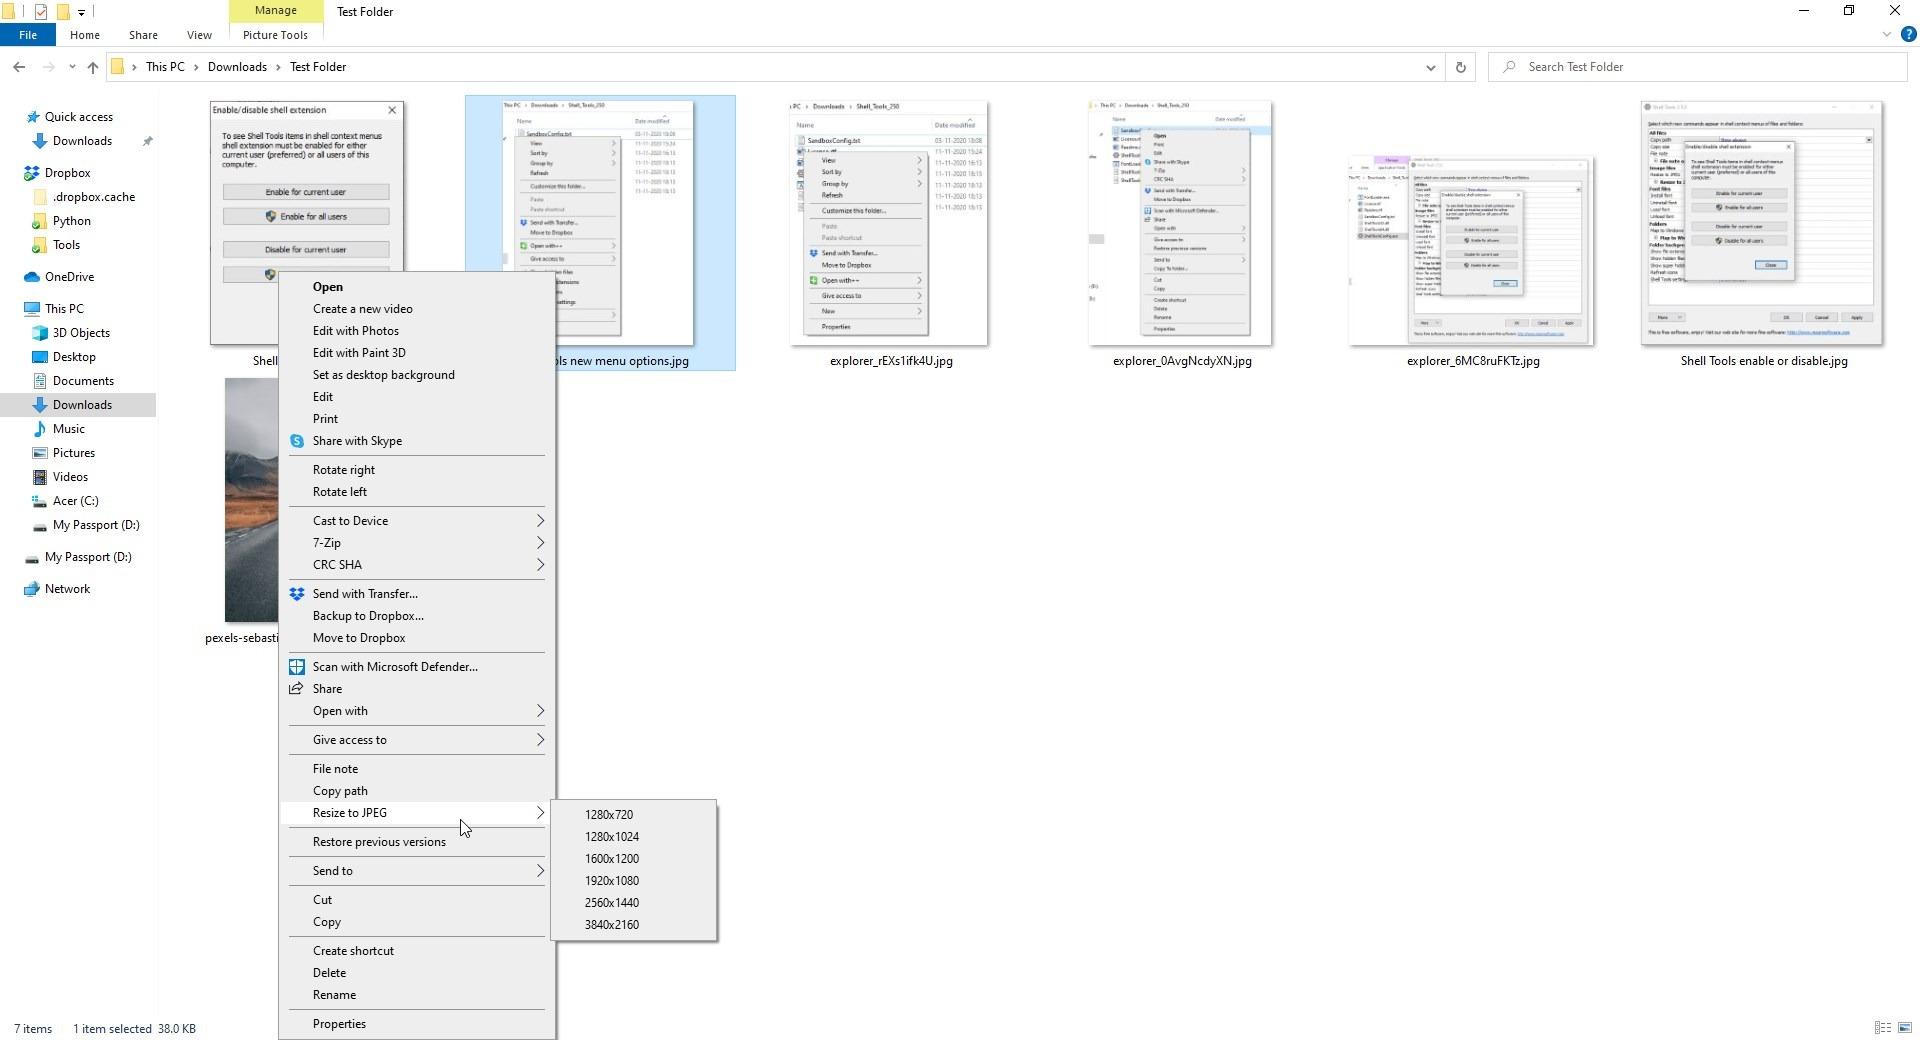 Cambiar el tamaño de las herramientas de Shell a JPEG